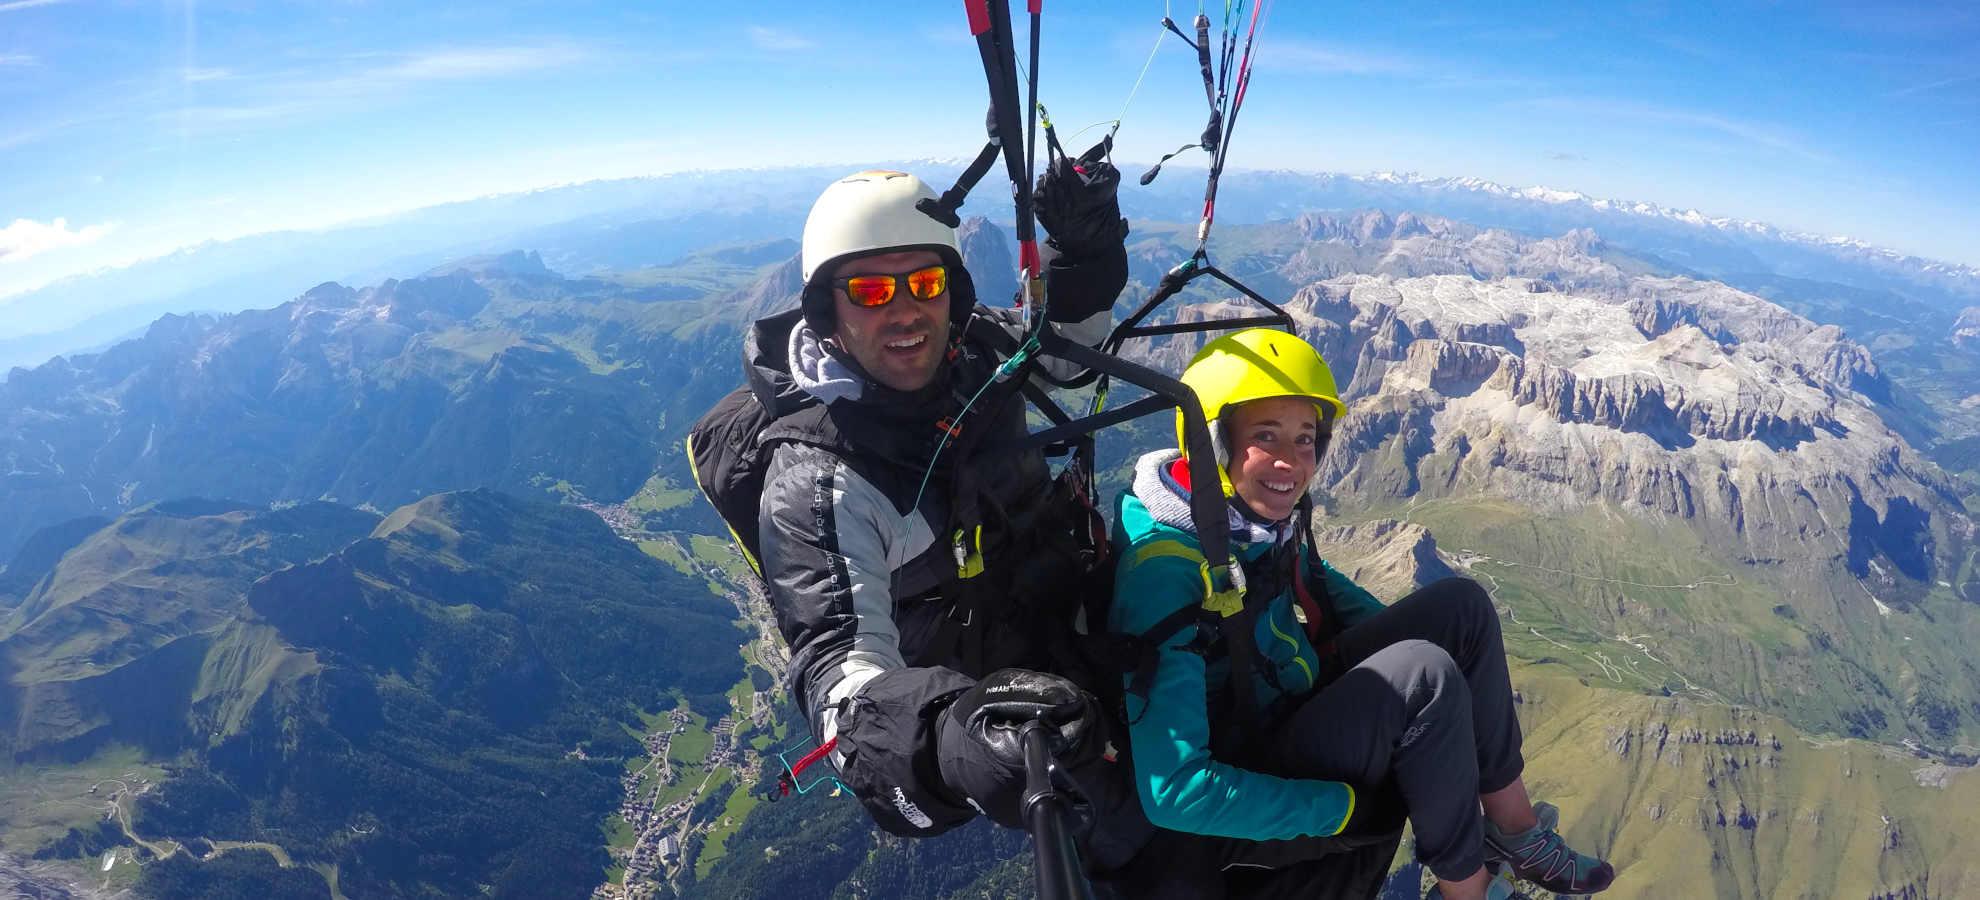 In parapendio biposto a 3700 metri di altezza sopra la Val di Fassa